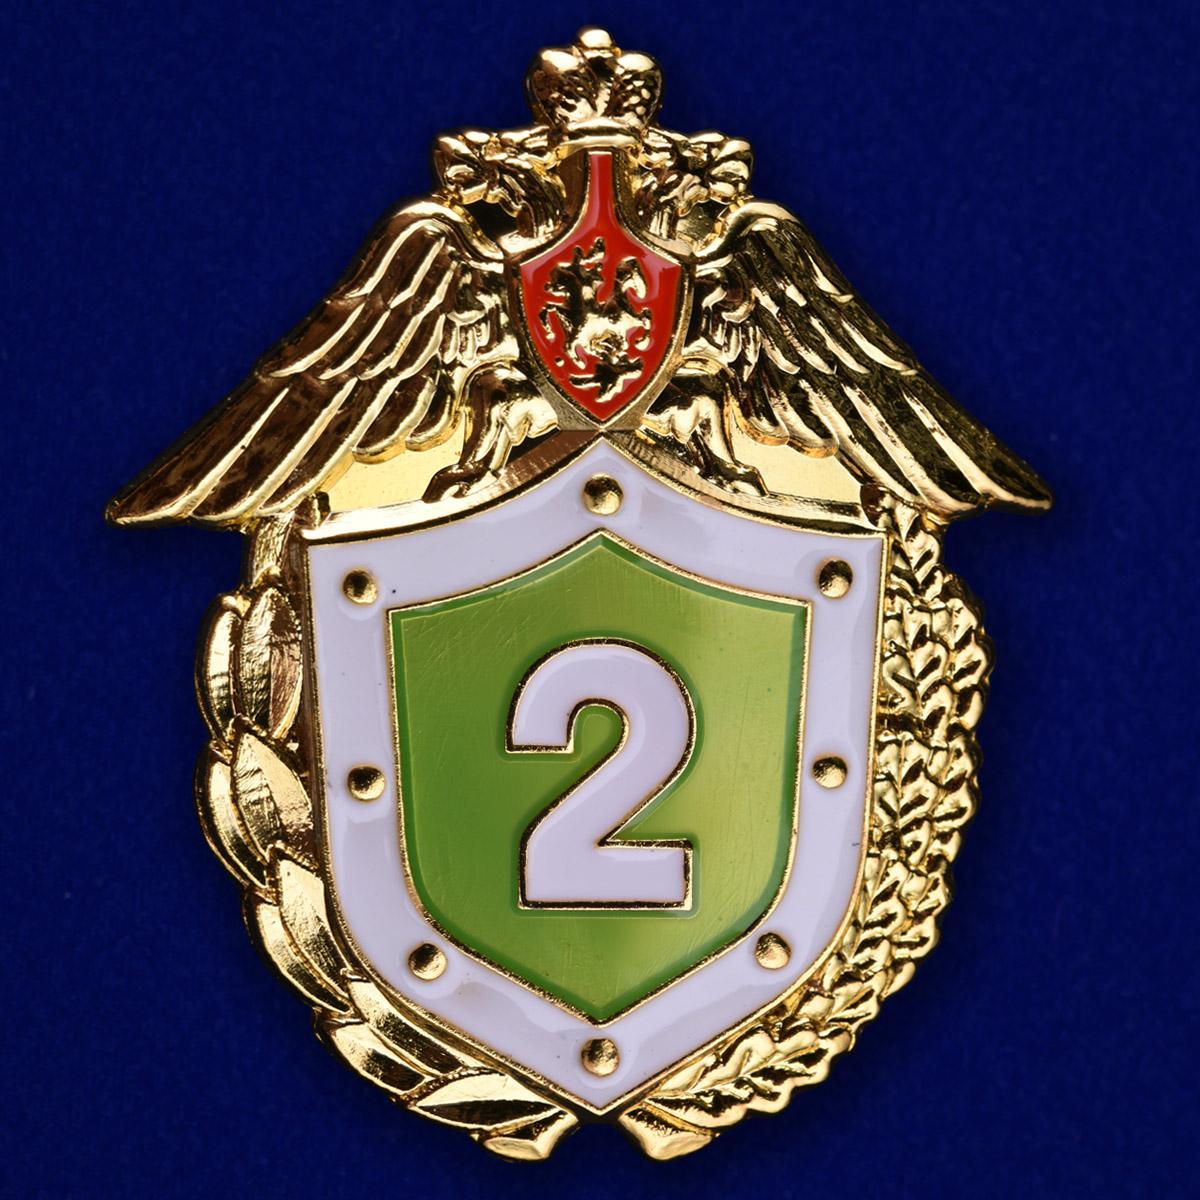 Знак ФПС России «Классный специалист» 2 класс